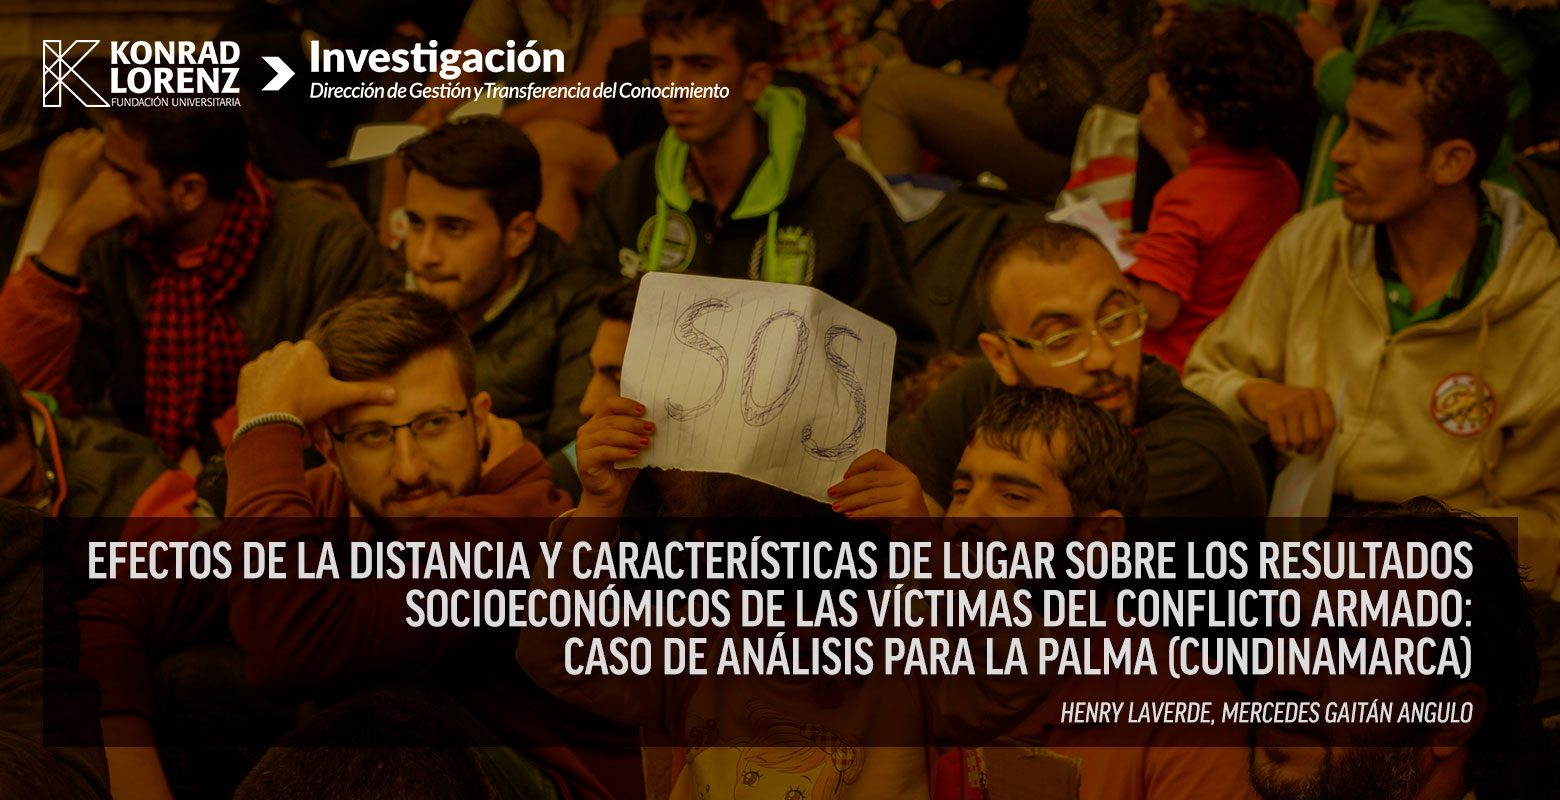 Efectos de la distancia y características de lugar sobre los resultados socioeconómicos de las víctimas del conflicto armado: Caso de análisis para La Palma (Cundinamarca)